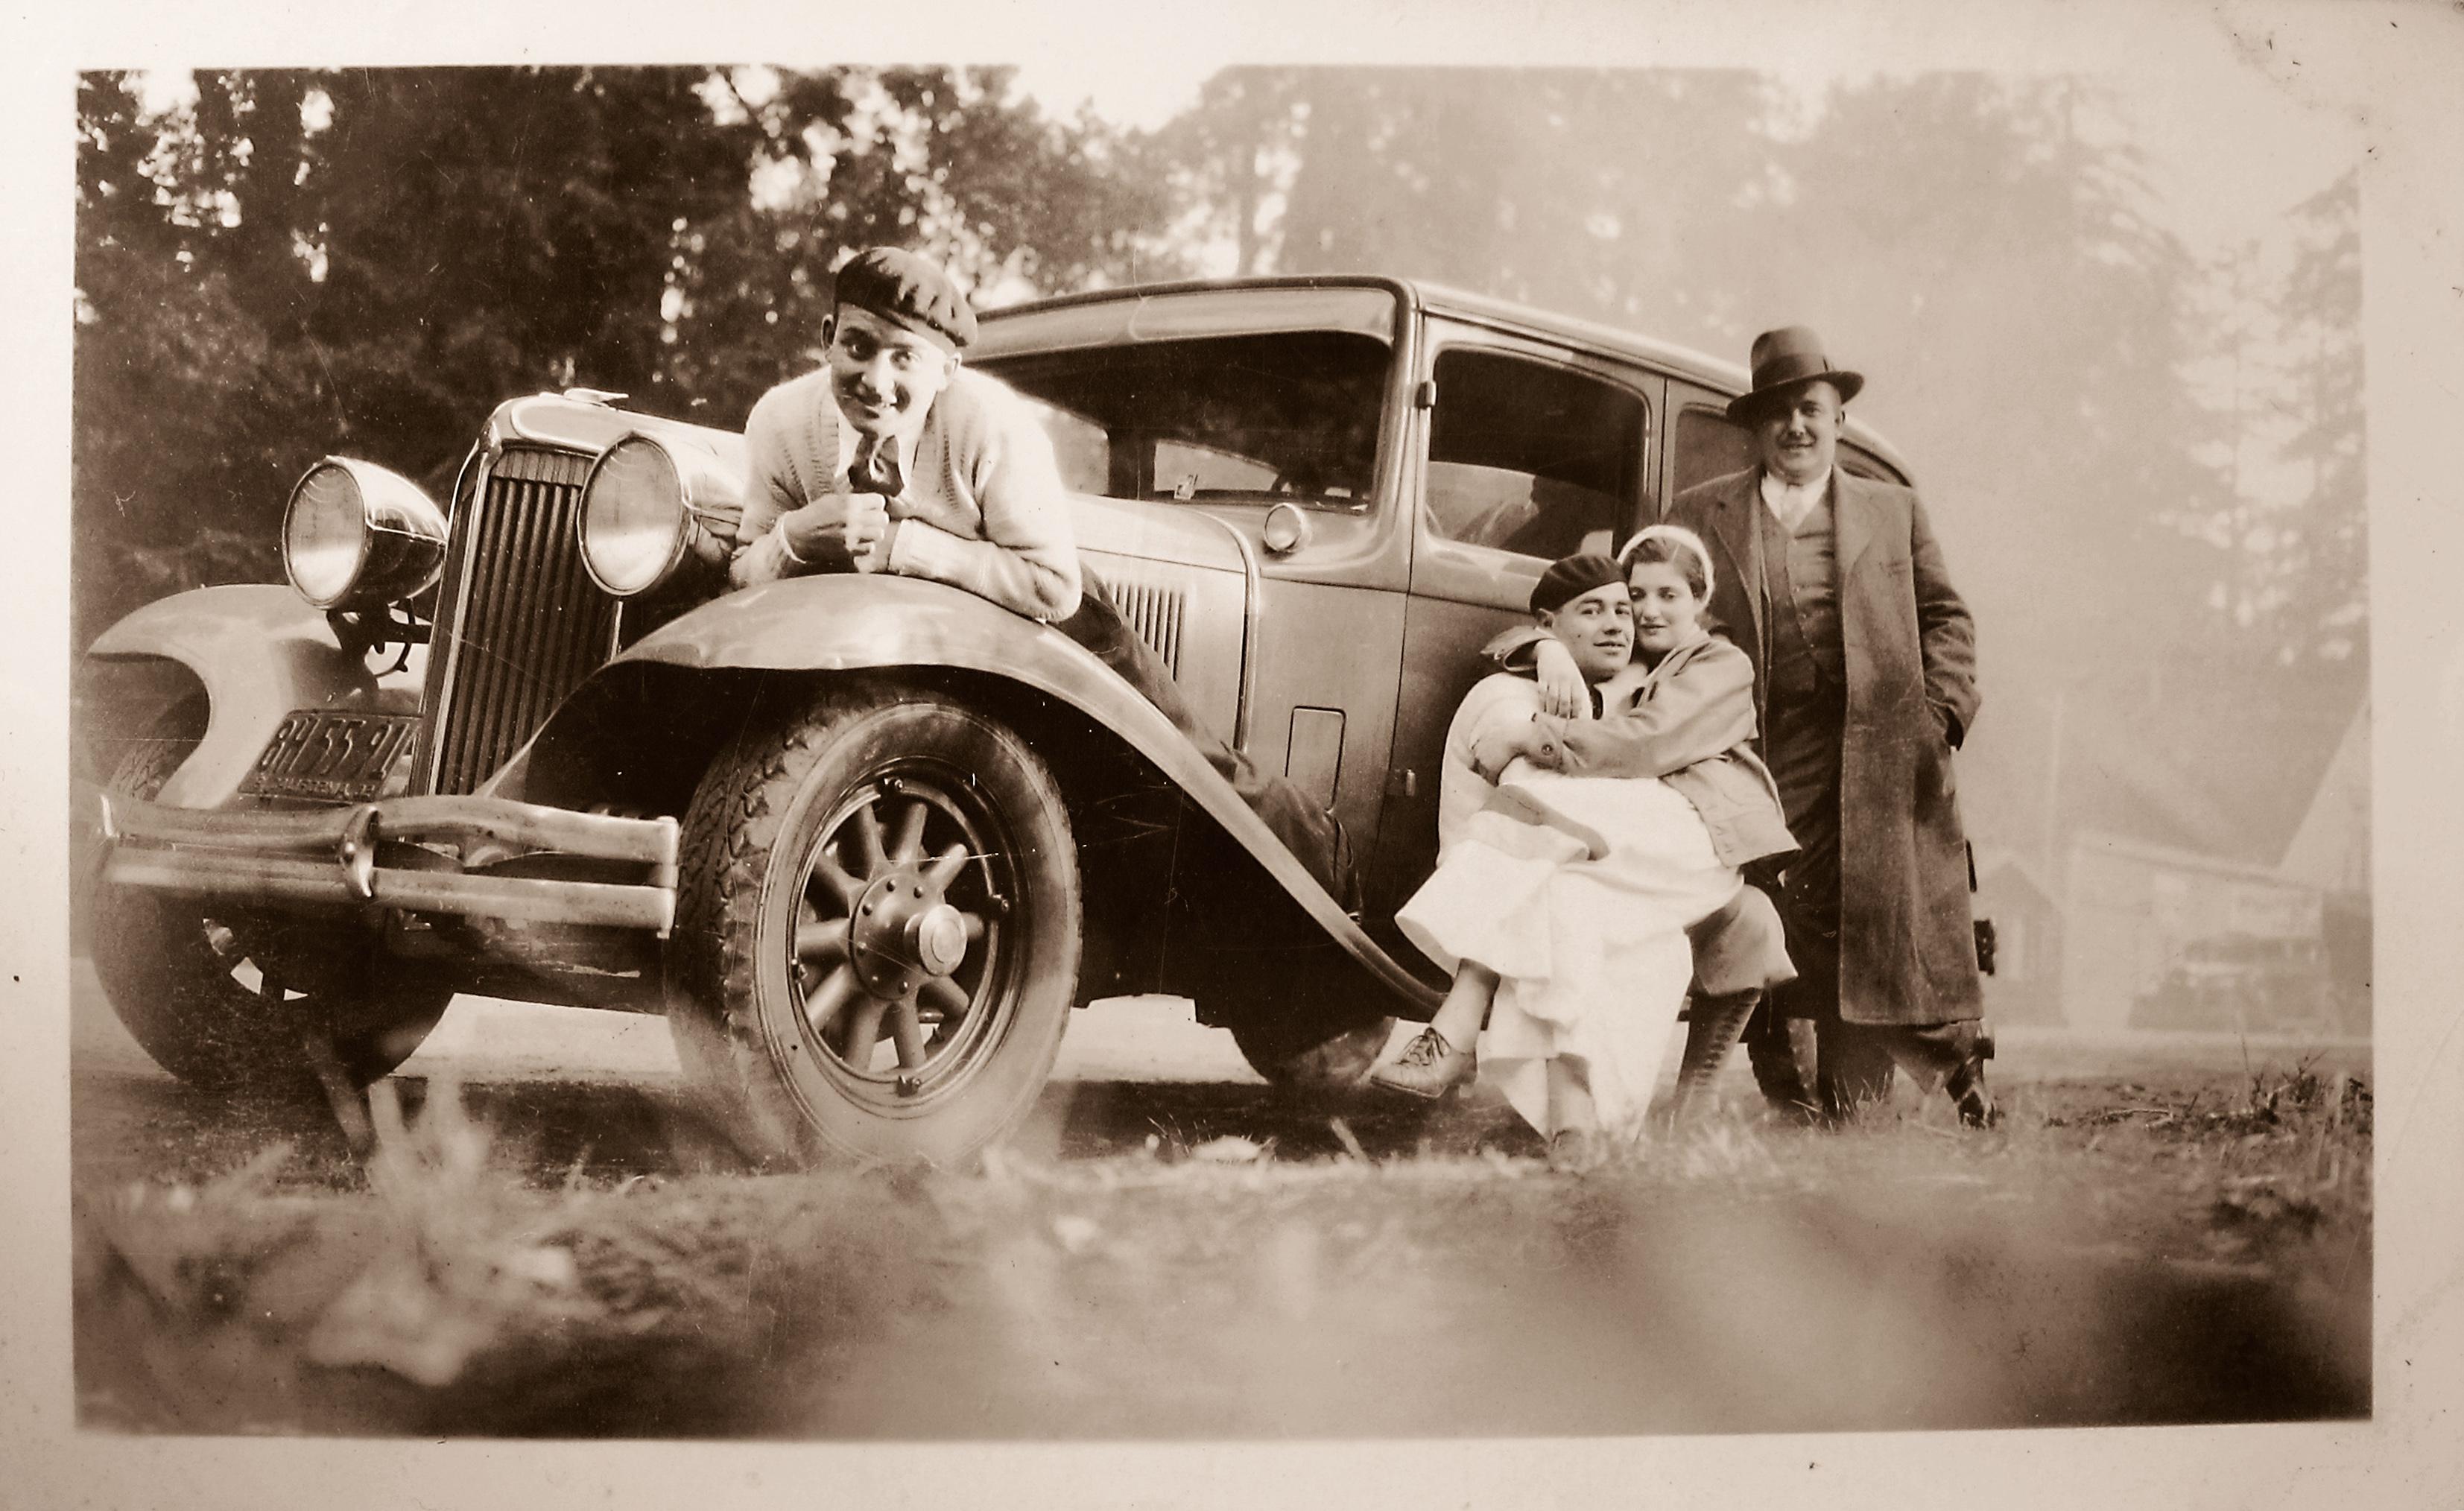 Αποτέλεσμα εικόνας για 1930s photos